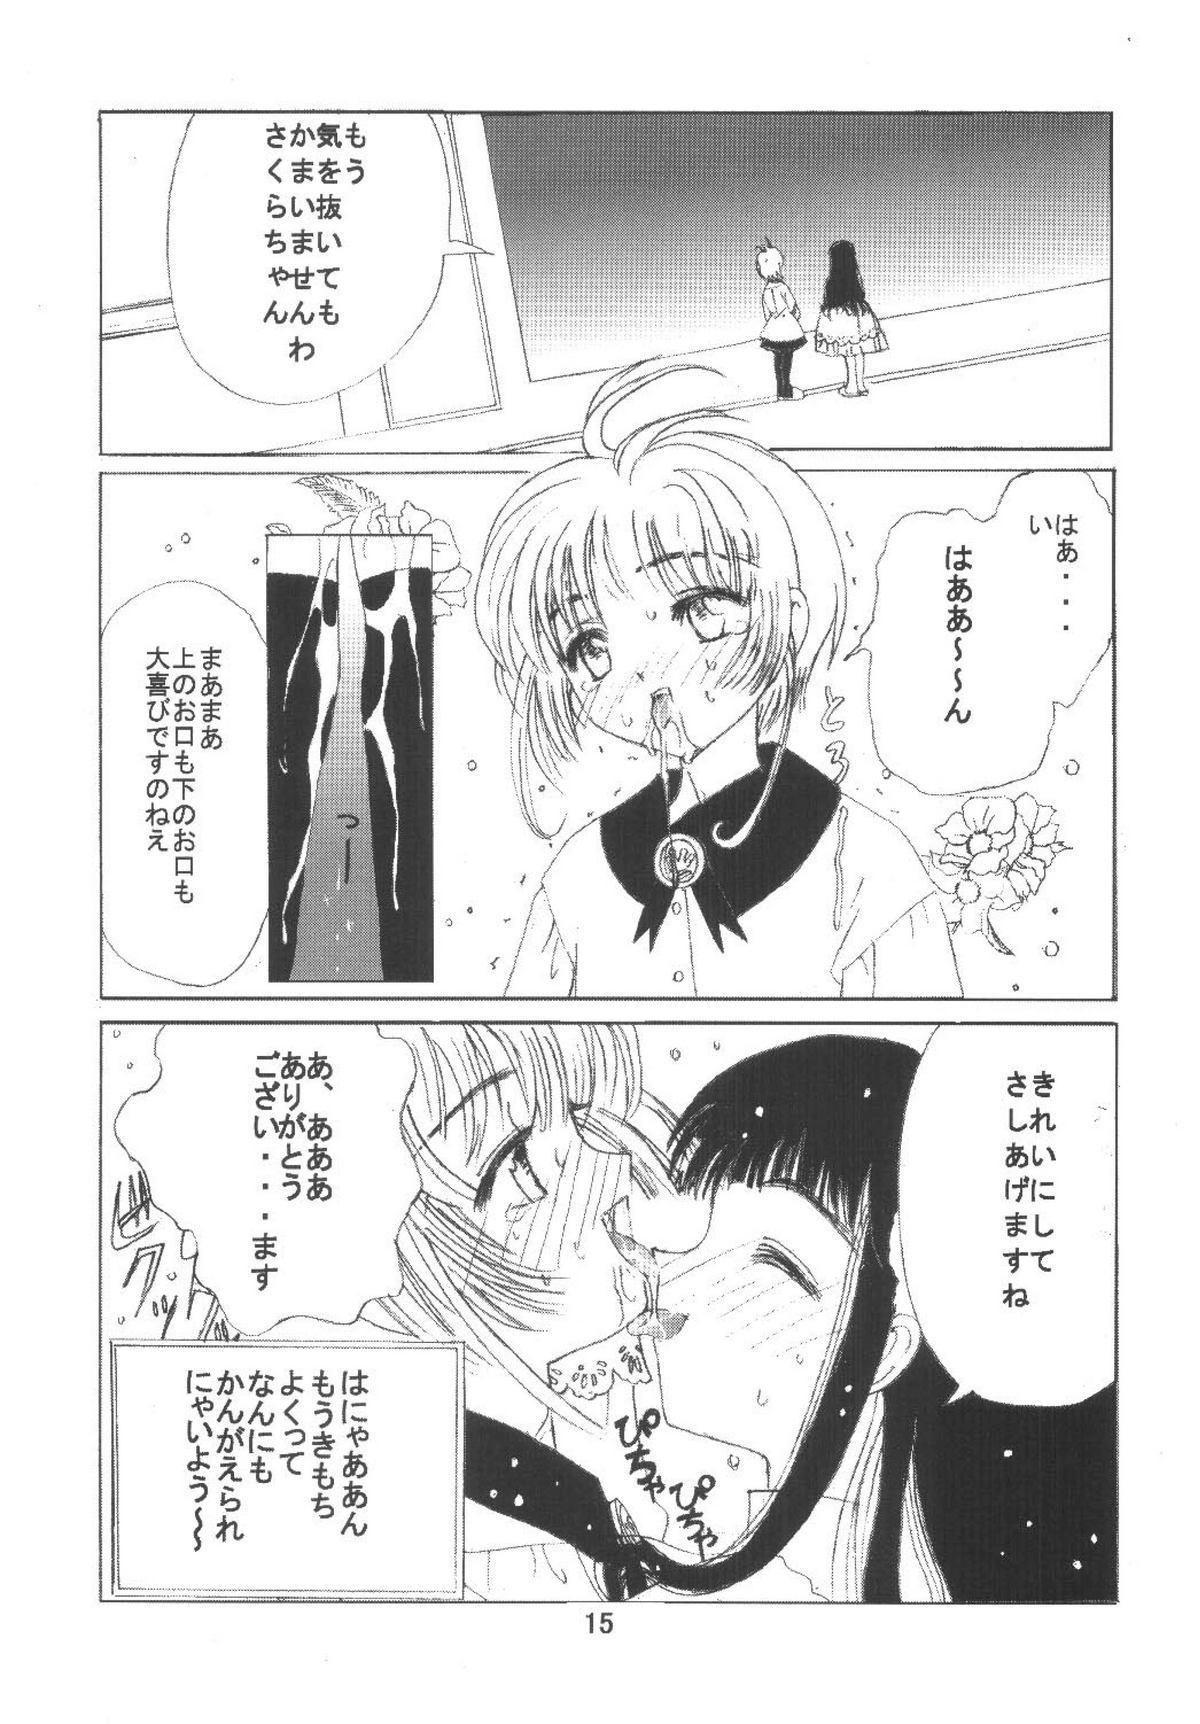 Kuuronziyou 6 Sakura-chan de Asobou 3 14